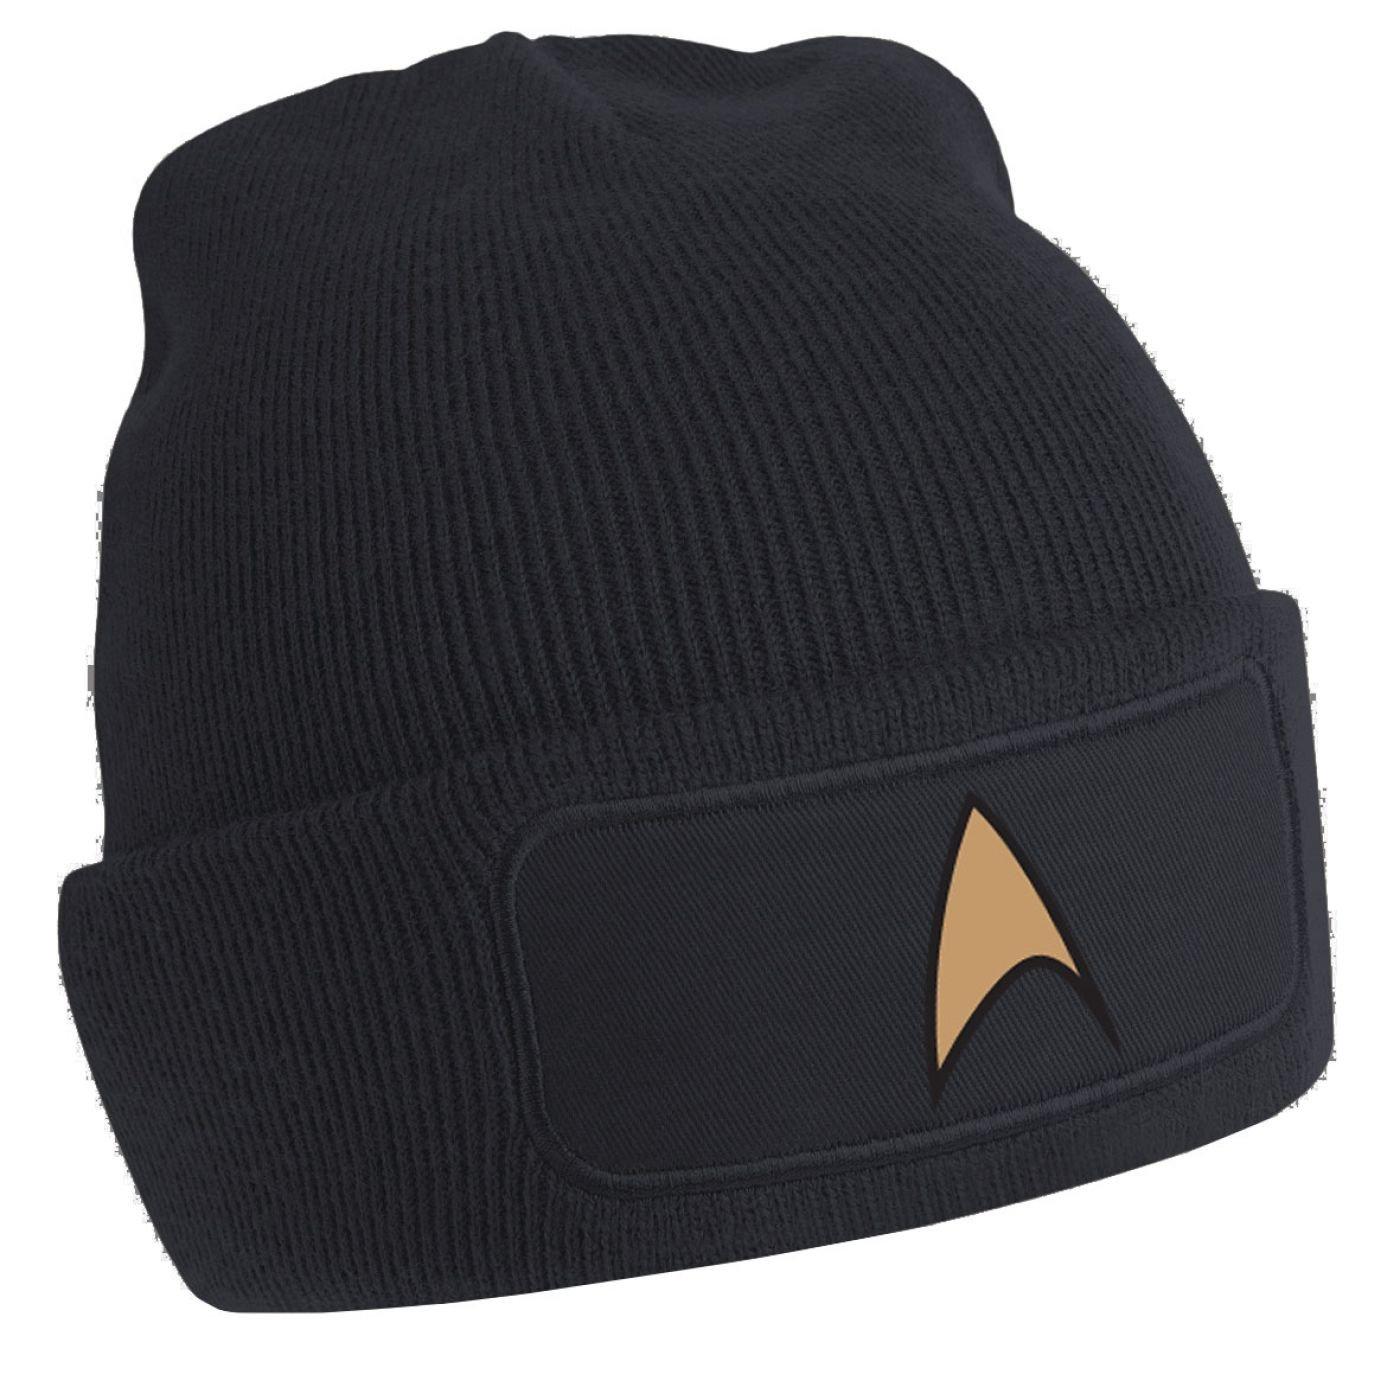 Gold Starfleet Badge beanie hat